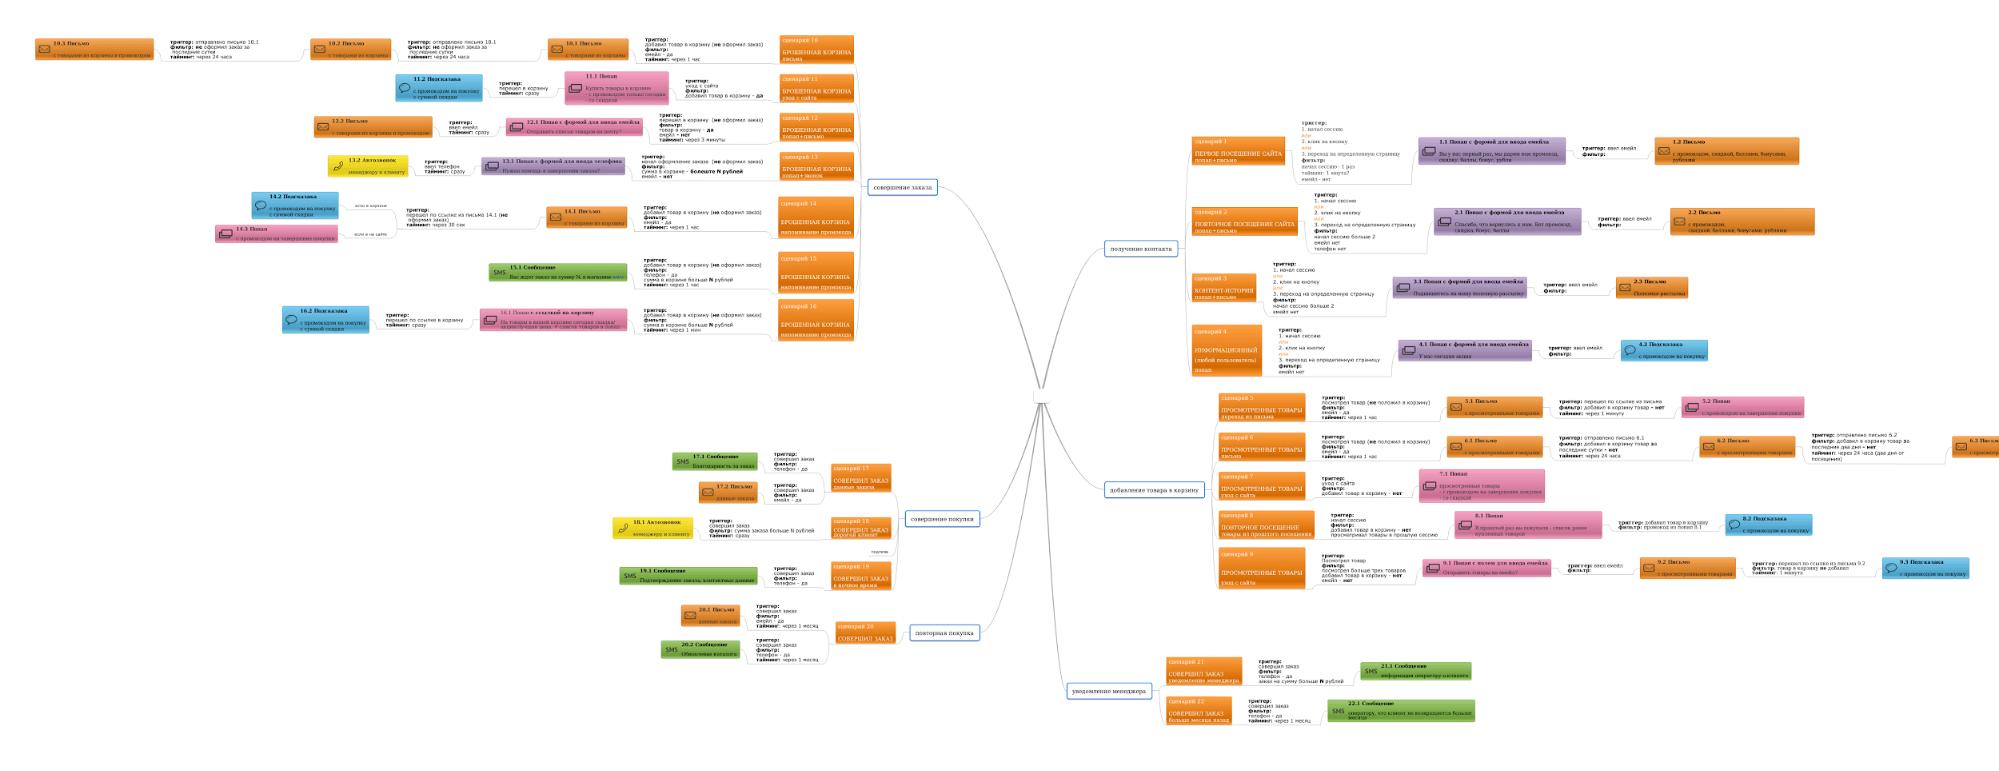 карта коммуникации